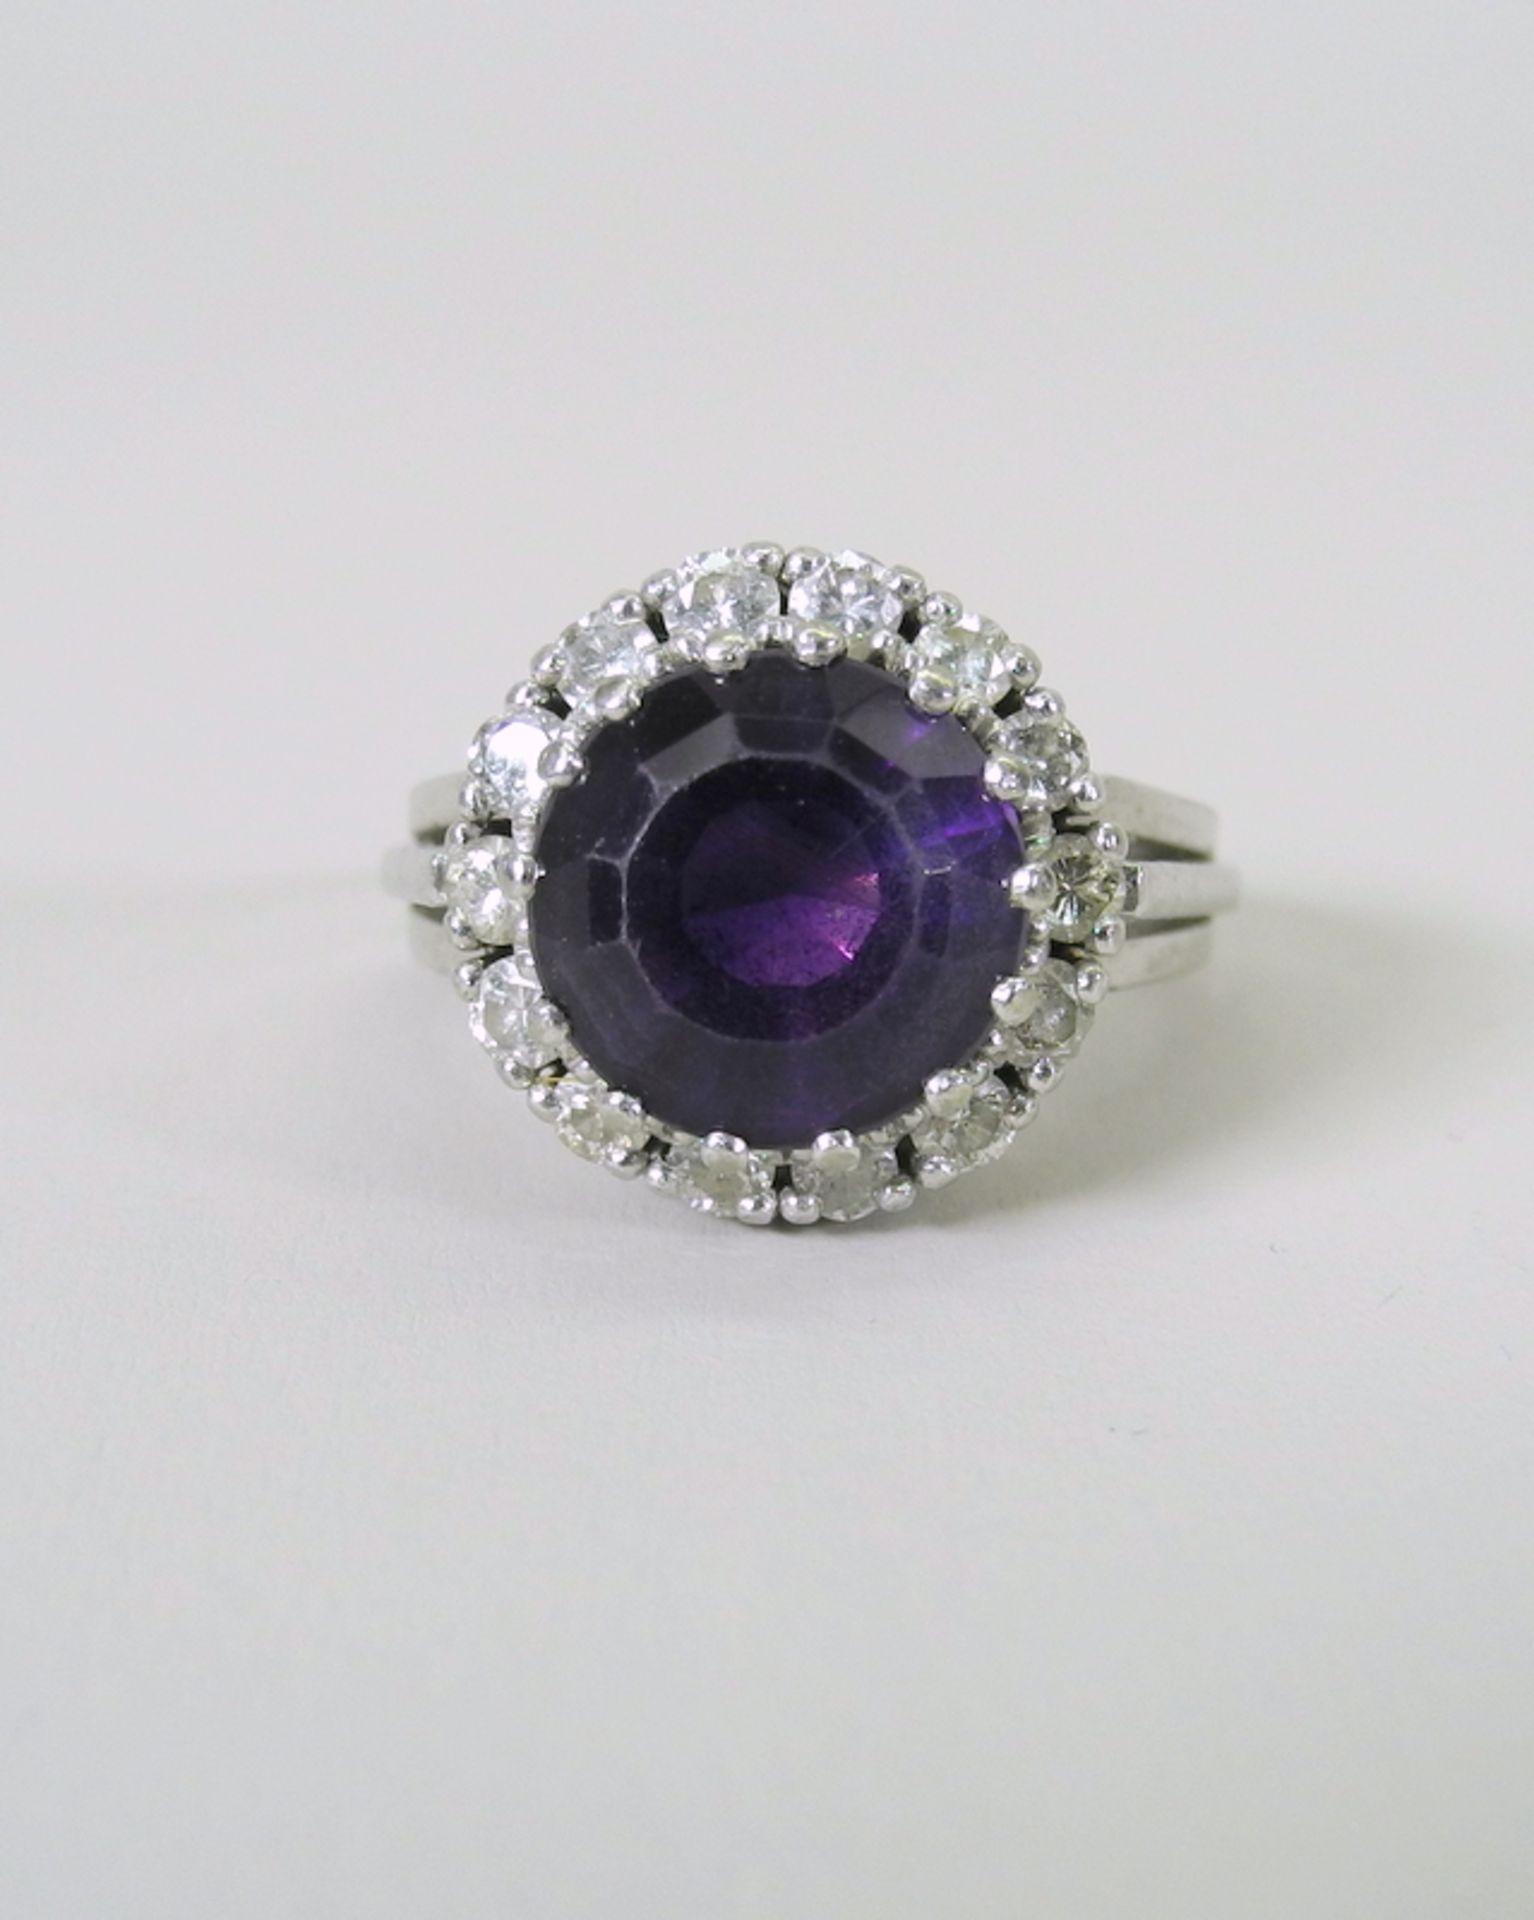 Großer Amethyst-Diamant-Ring14 K. weißgoldener Diamant-Ring mit einem Zentralstein A